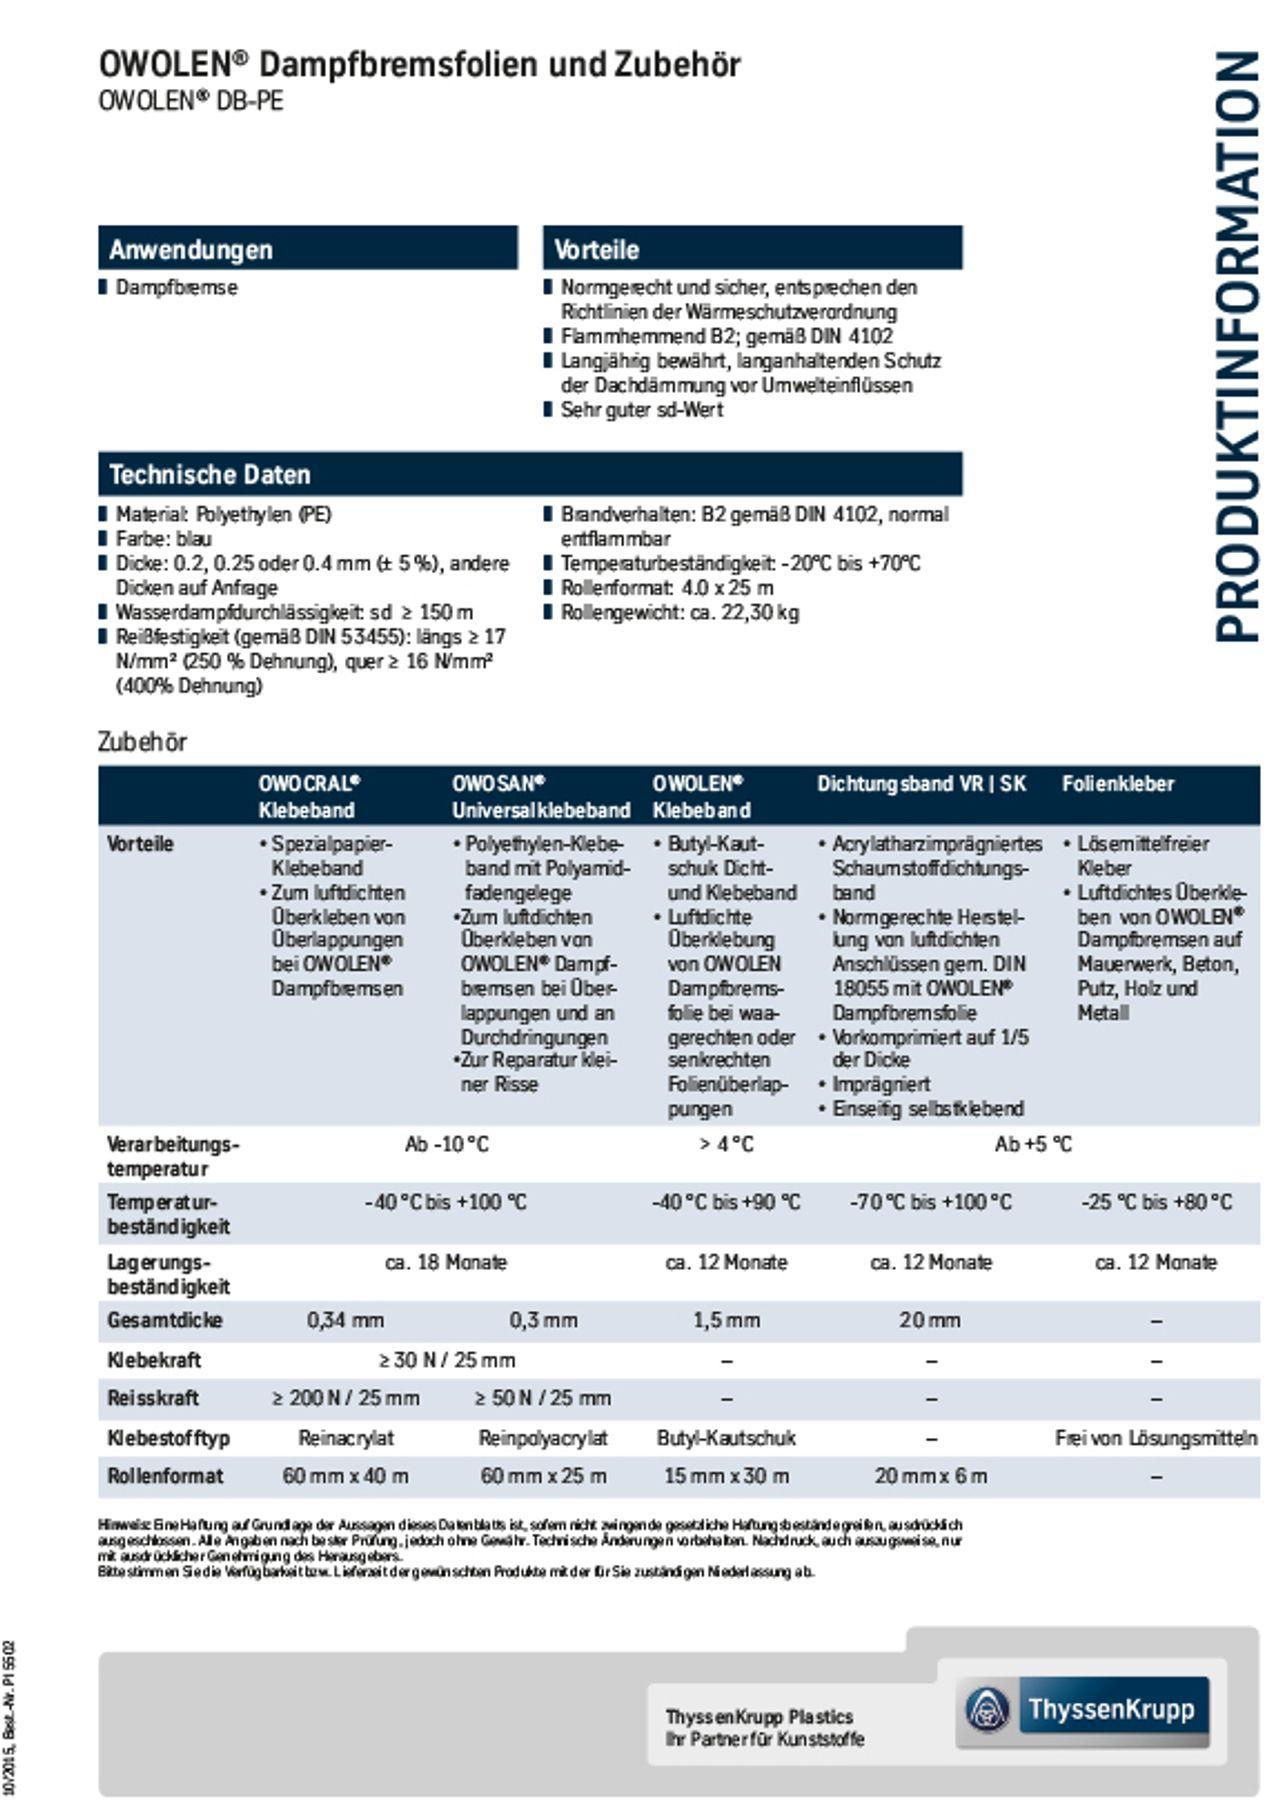 owolen® Dampfbremsfolien und Zubehör Produktinformation